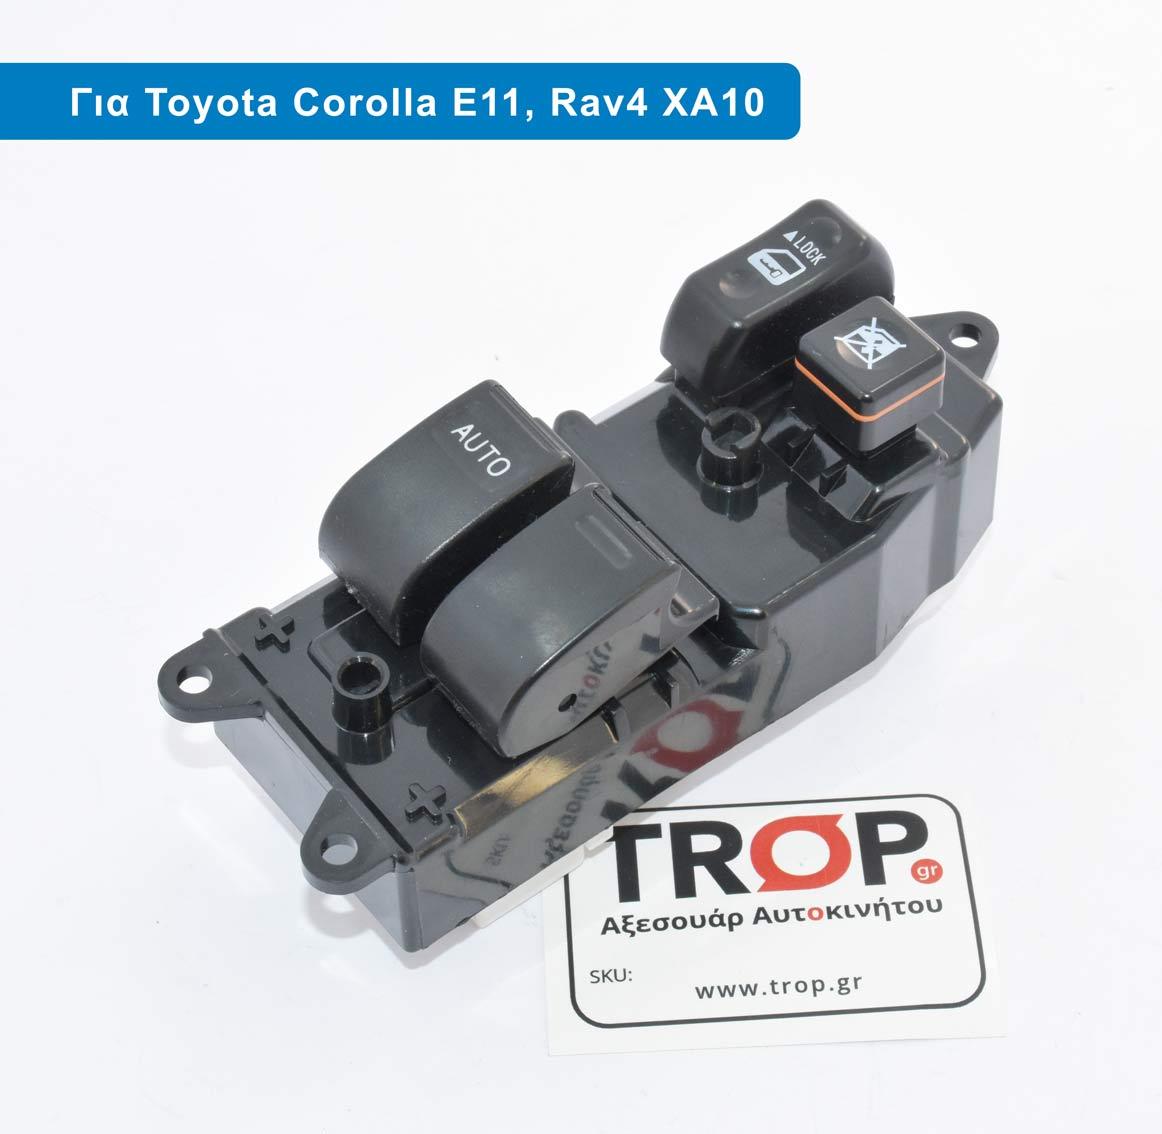 Διακόπτης Ηλεκτρικών Παραθύρων για Toyota Corolla (E11), Rav4 (XA10) – 13 Pin – Φωτογραφία από Trop.gr